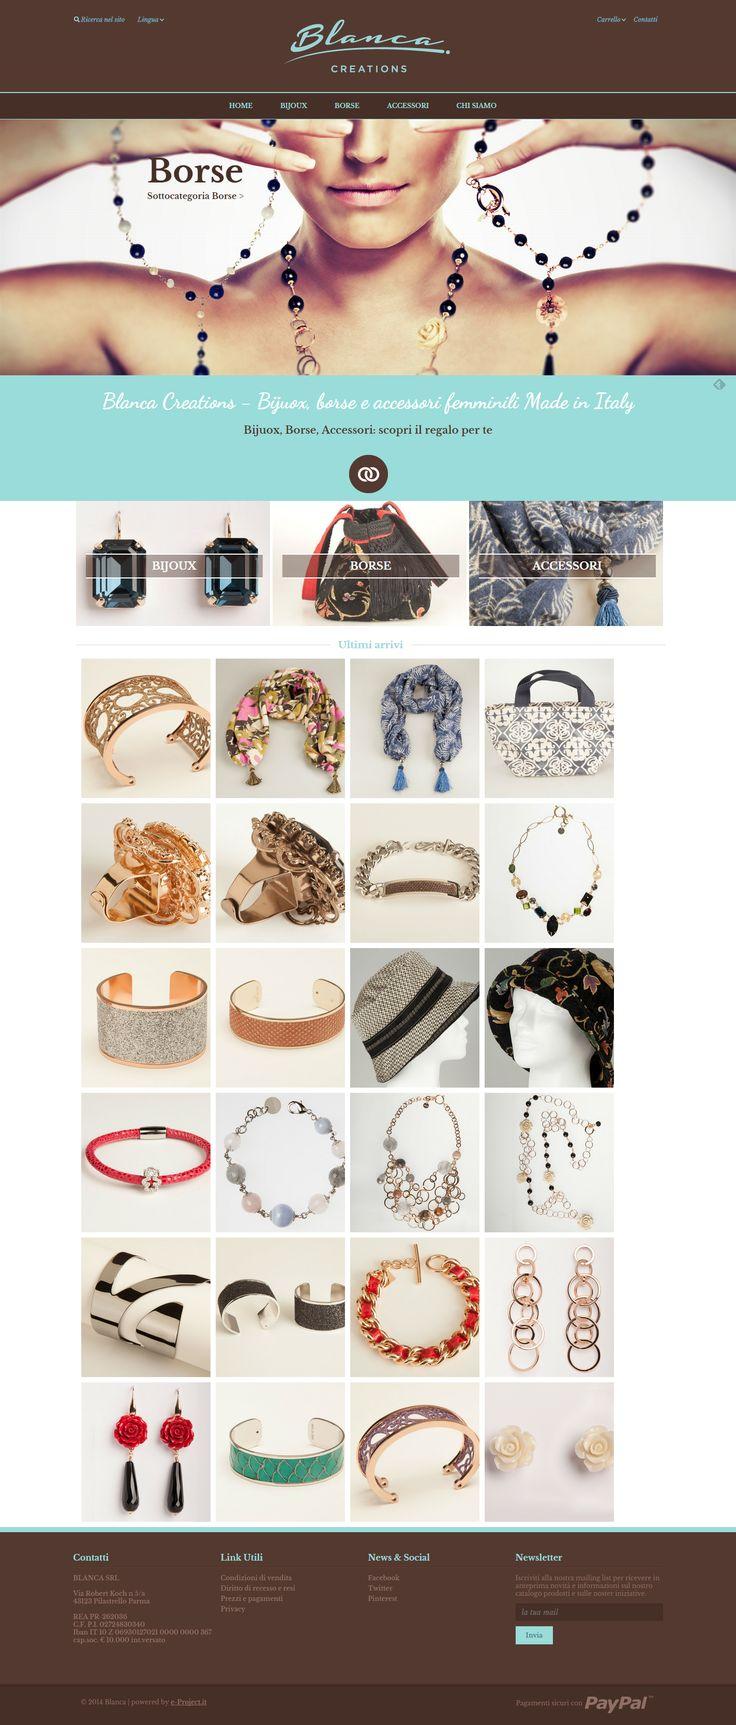 Il nuovo eCommerce di gioielli e accessori handmade: Blanca Creations!